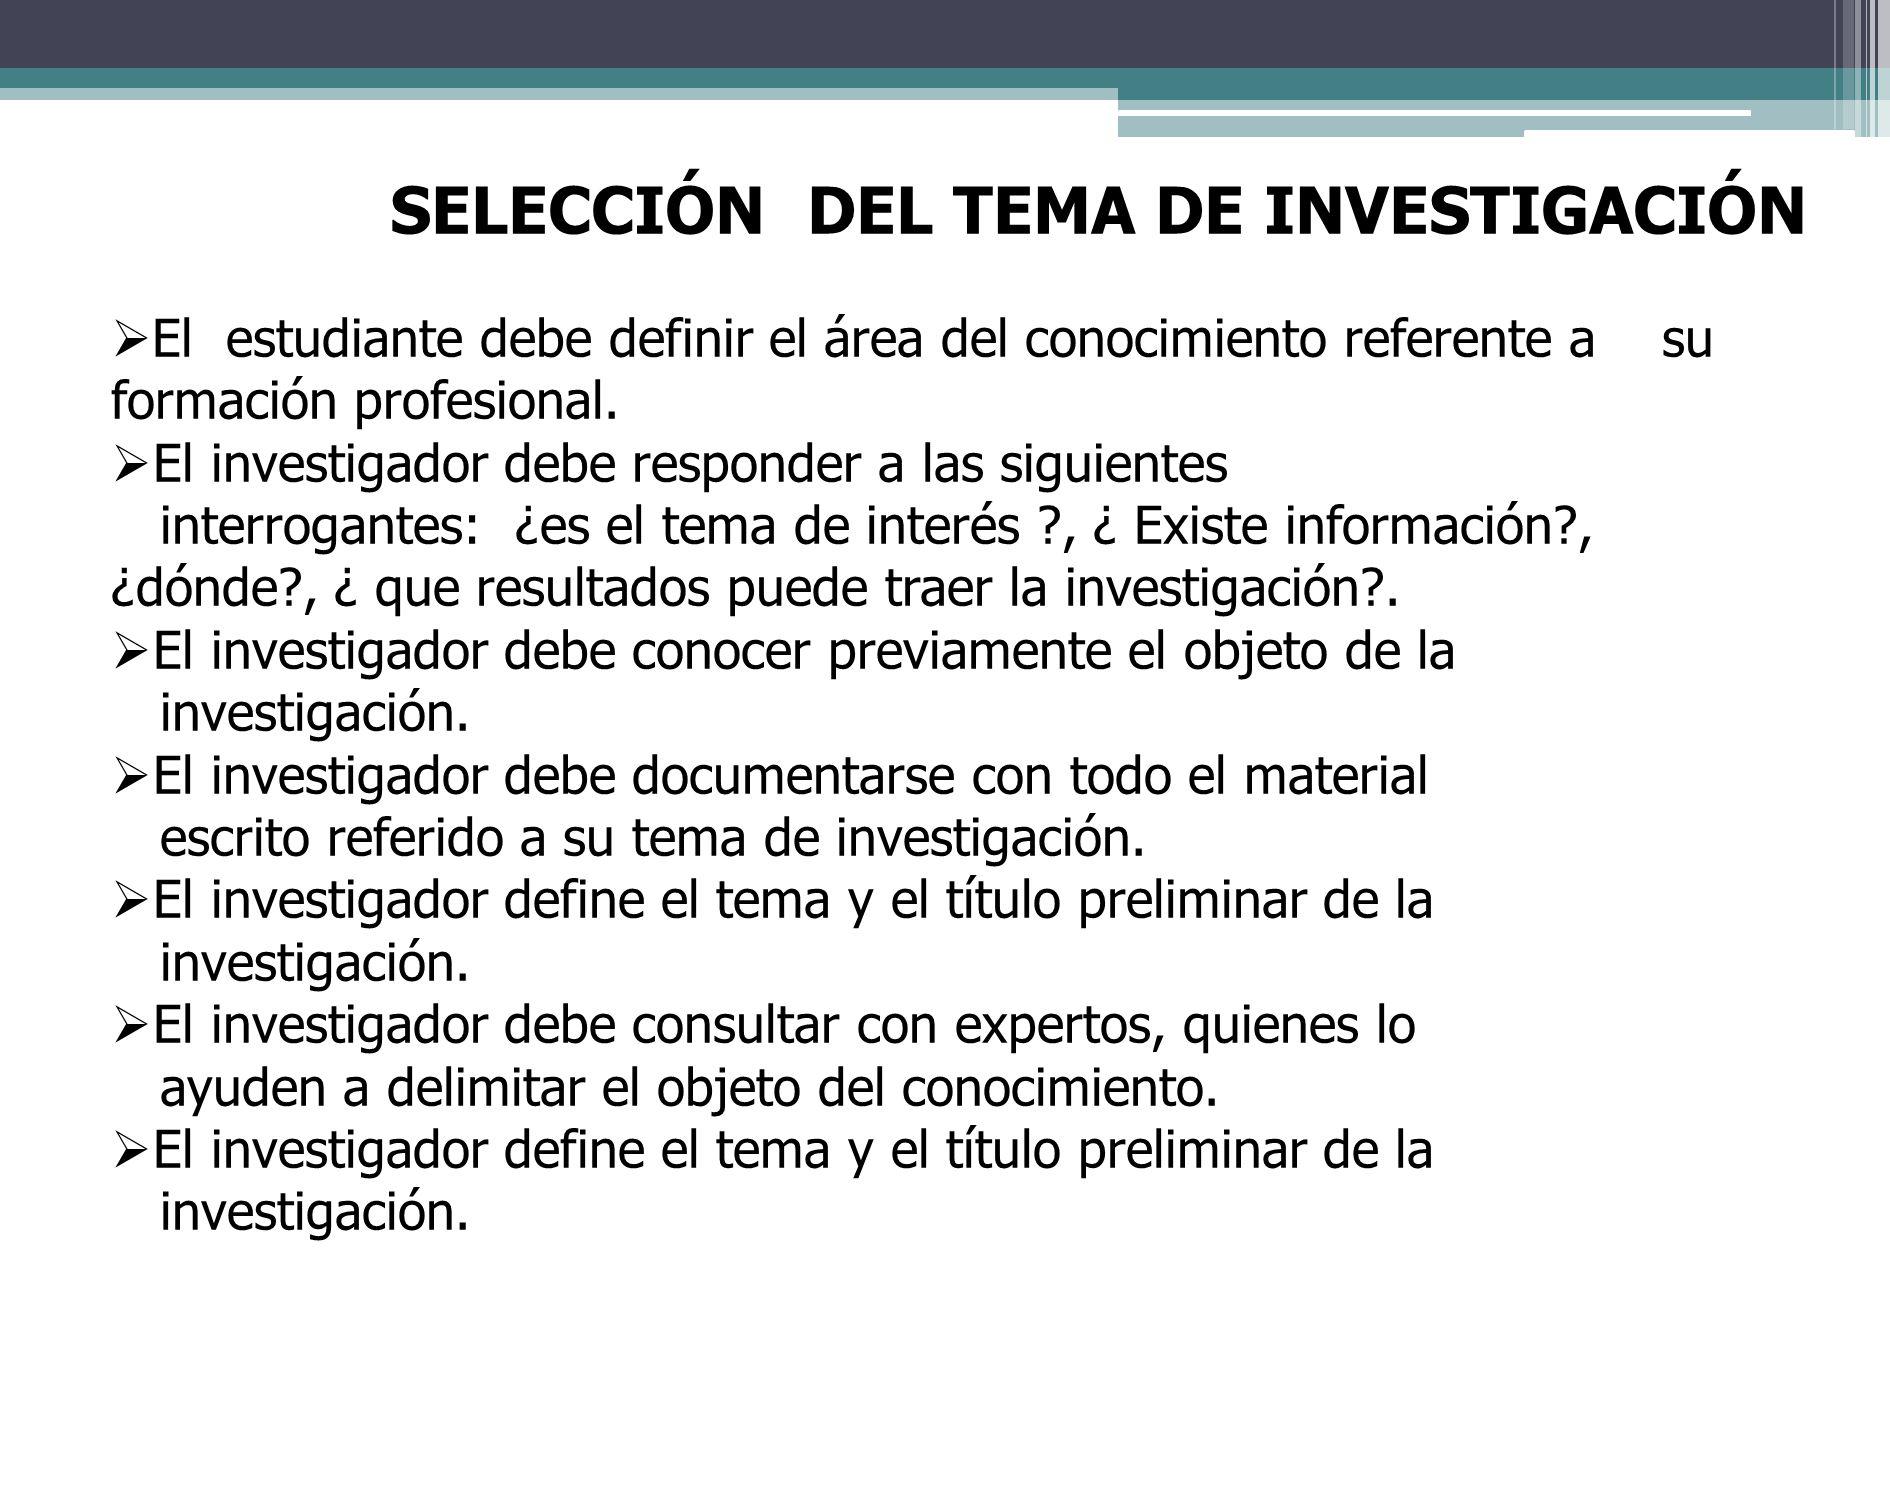 TRATAMIENTO DE LA INFORMACION El investigador debe definir la forma de presentación de los datos, representación escrita, semitabular, tabular, uso de gráficas, etc.